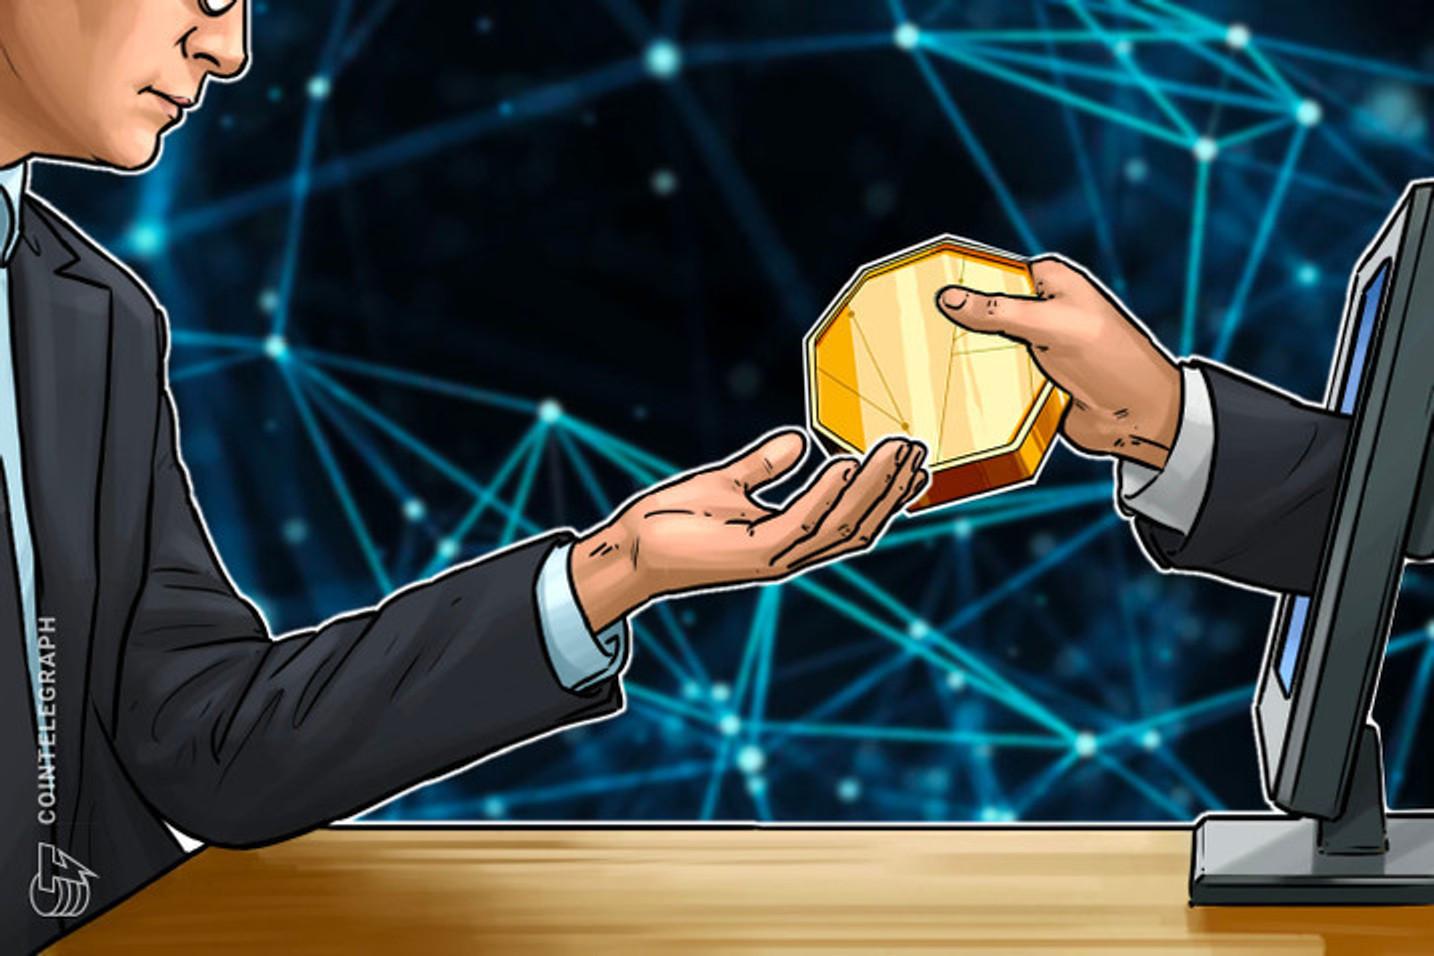 Brasileira Bitfy movimenta mais de R$ 10 milhões em pagamentos com Bitcoin em seu primeiro semestre de operação